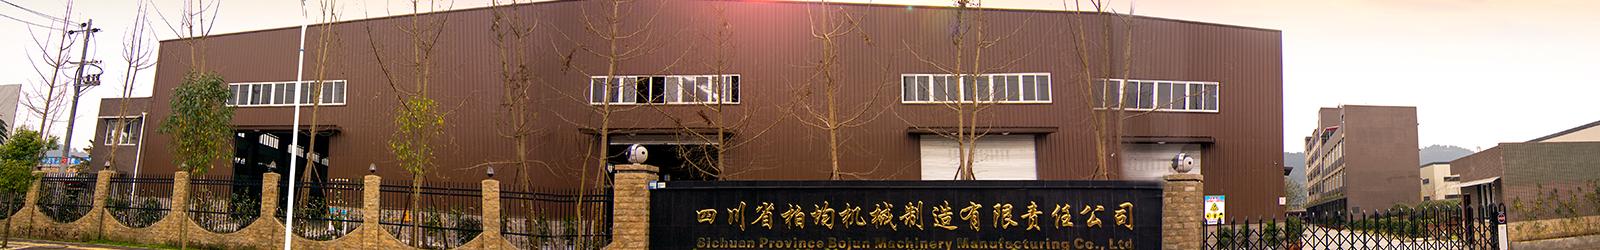 四川省柏均机械制造有限责任公司